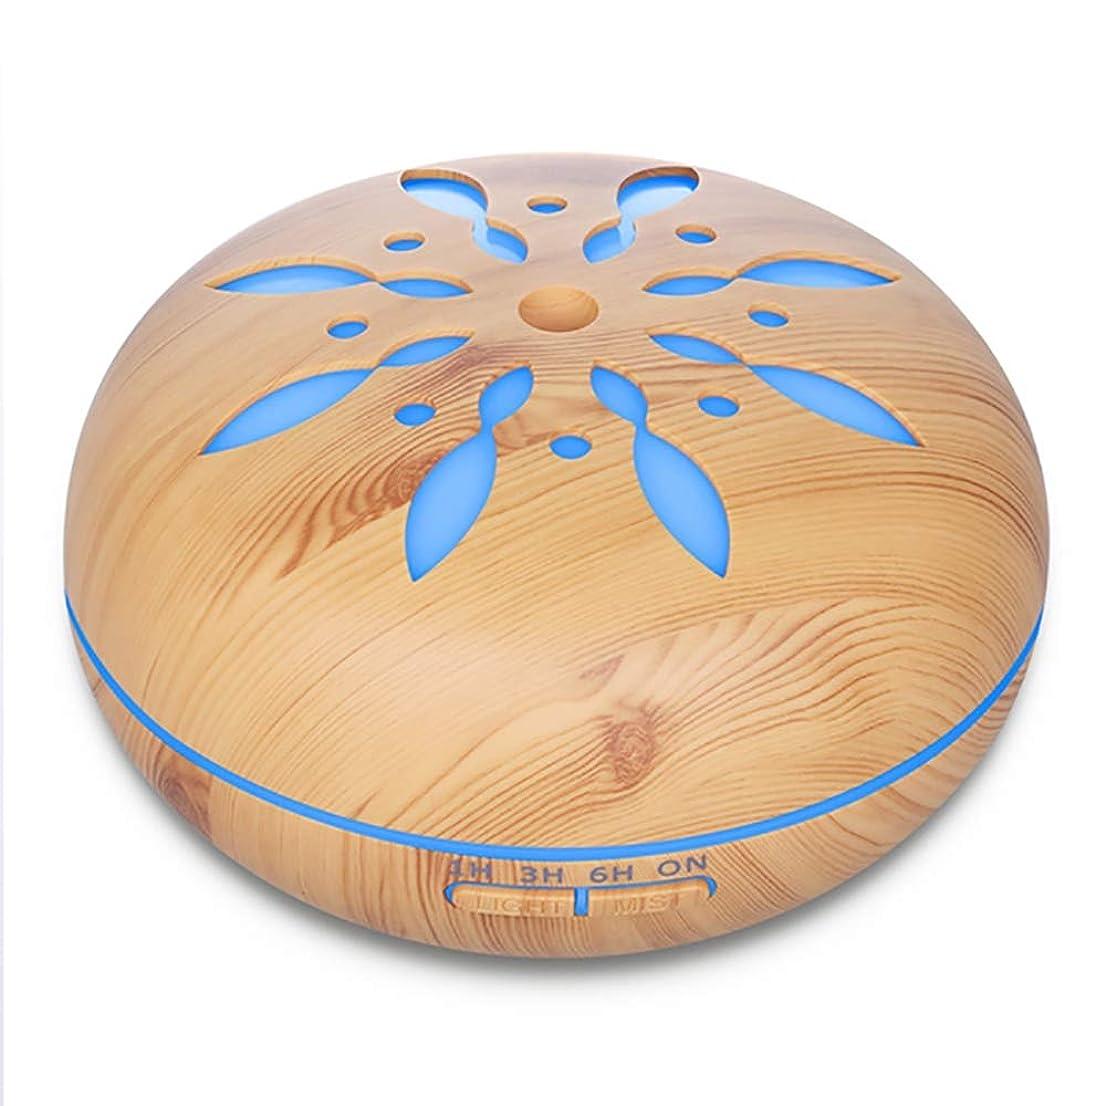 バルセロナ判定不十分なアロマセラピー超音波加湿器300ml エッセンシャルオイルディフューザー7色 LED 4 タイマー空気清浄ベビー加湿器ホームオフィスベビーベッドルーム